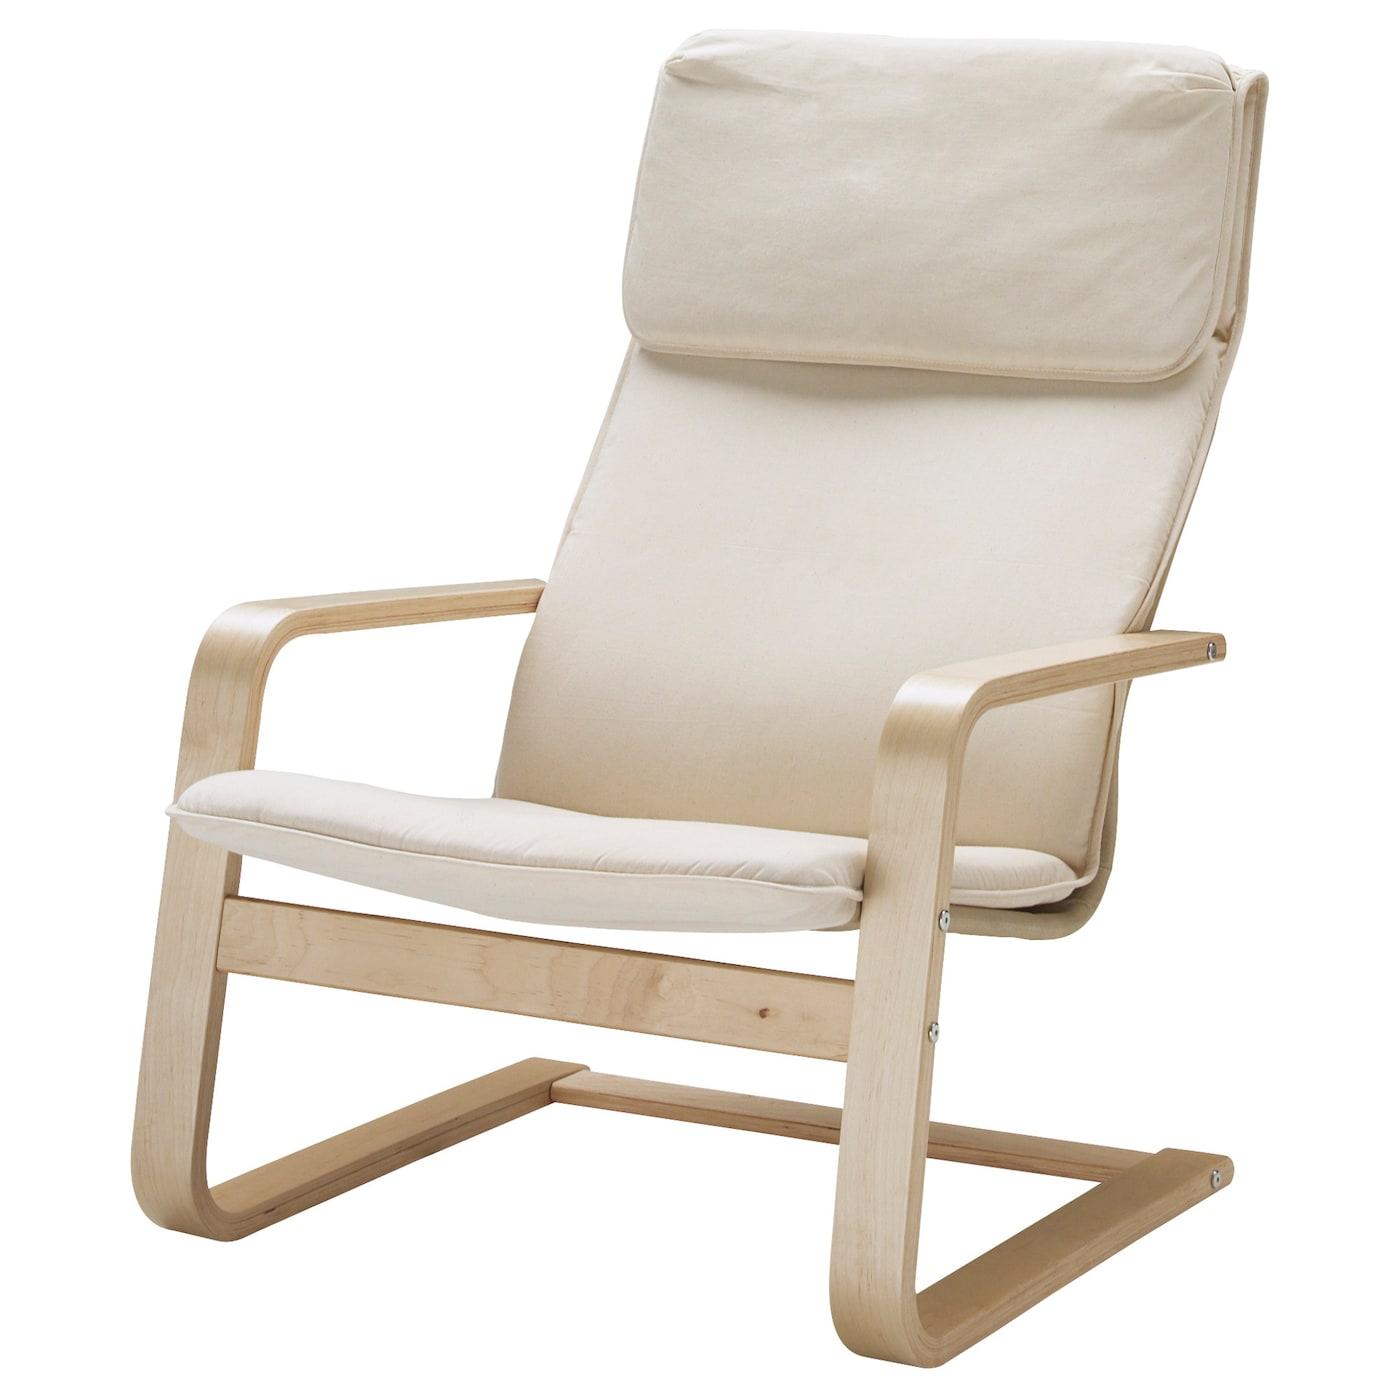 ikea pello fauteuil - Fauteuil 1 Place Ikea